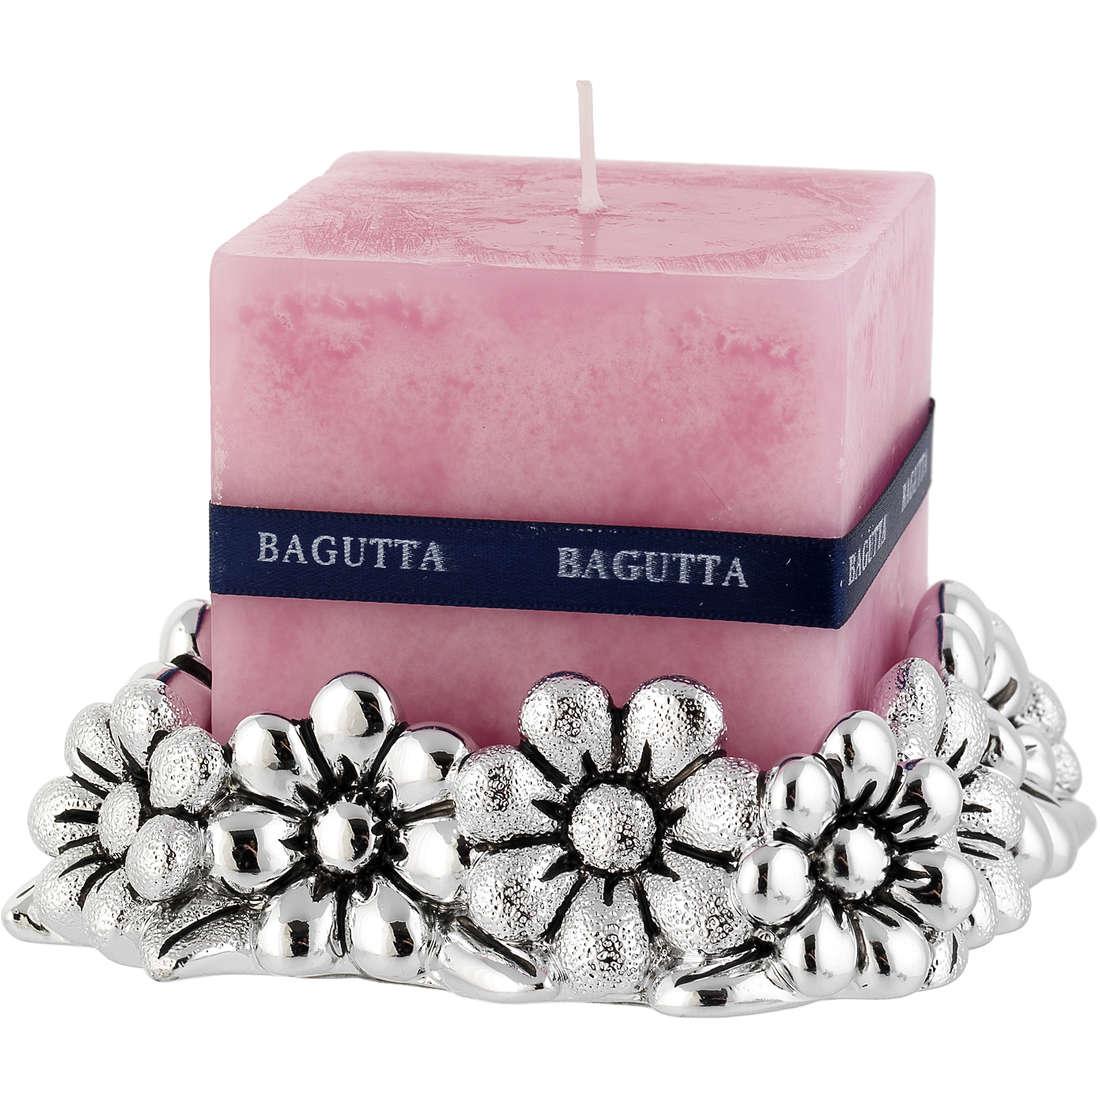 oggettistica Bagutta 1866-02 RO